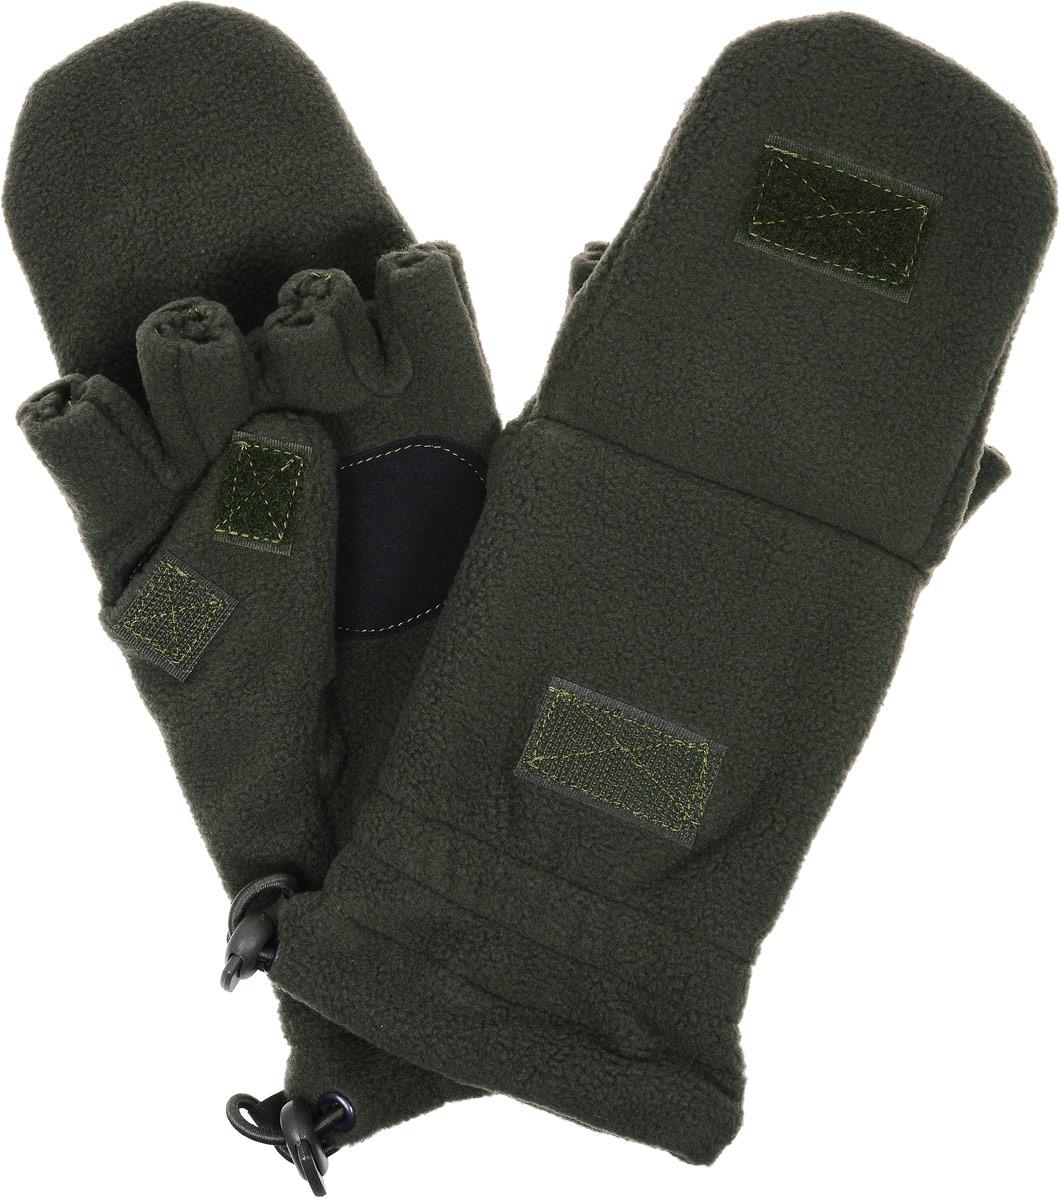 Перчатки спортивные Keotica, цвет: оливковый. 1081001. Размер S/M (7,5/8)1081001Перчатки-варежки из флиса с антипиллинговой обработкой. Благодаря этому увеличивается износостойкость материала.